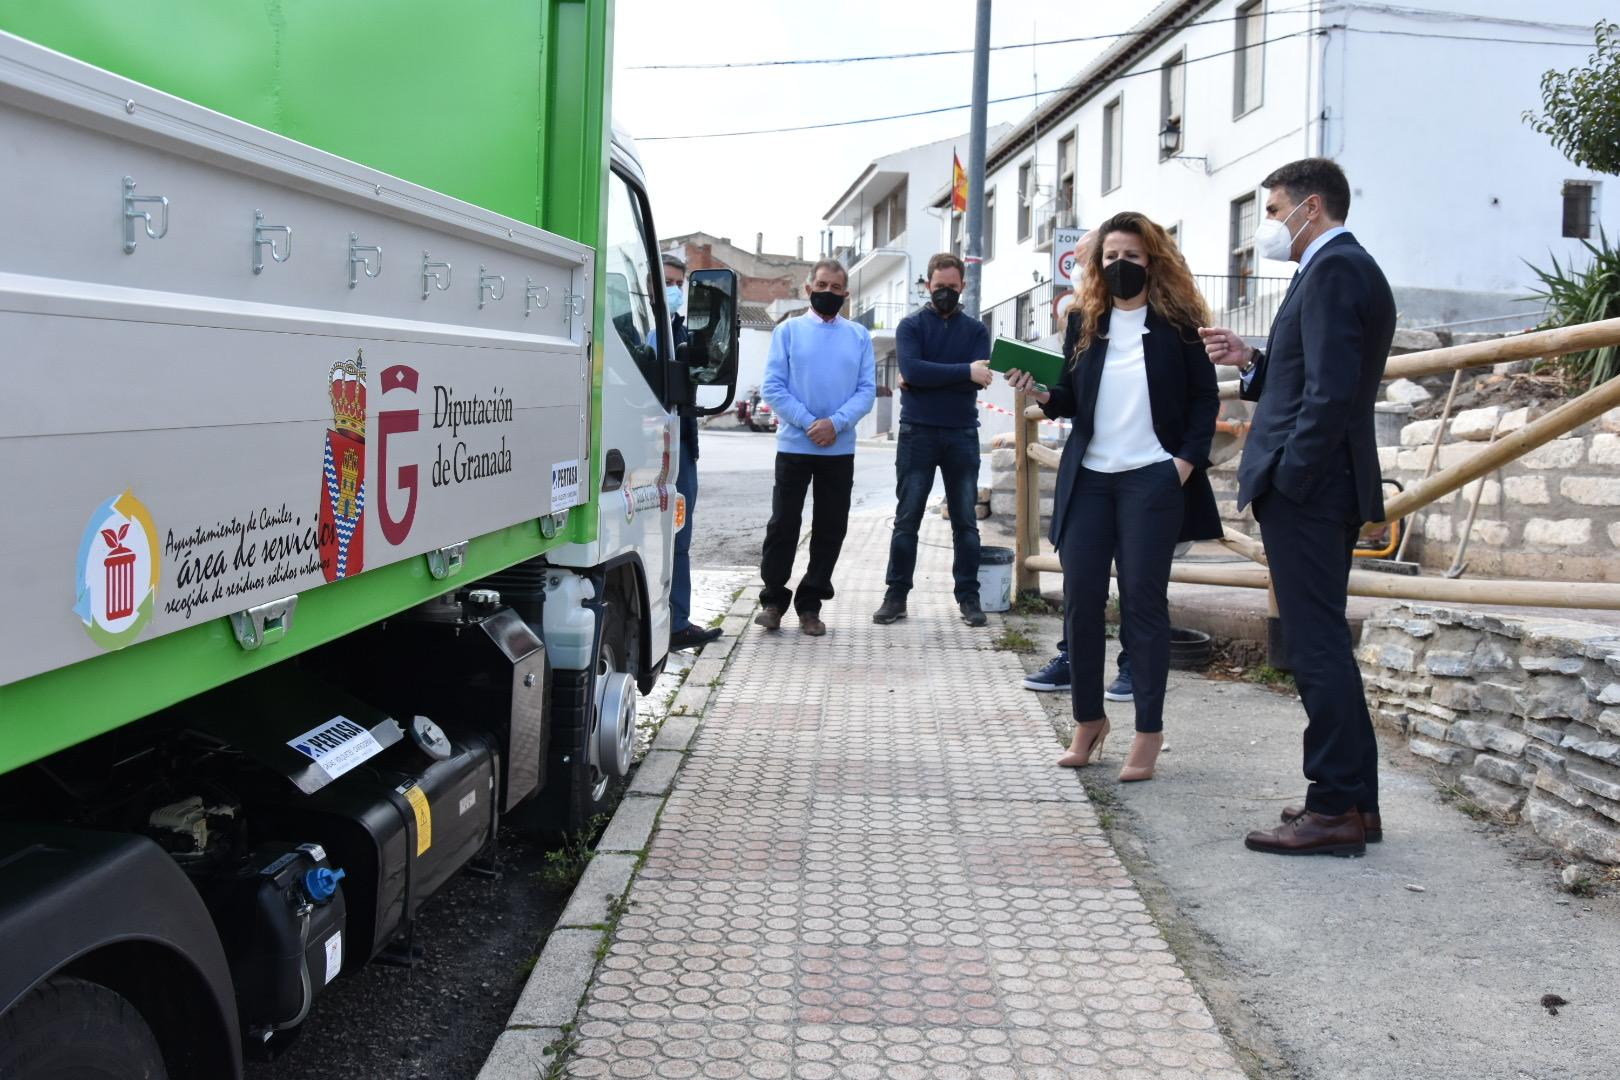 Caniles contará con un nuevo camión de recogida de residuos financiado por Diputación